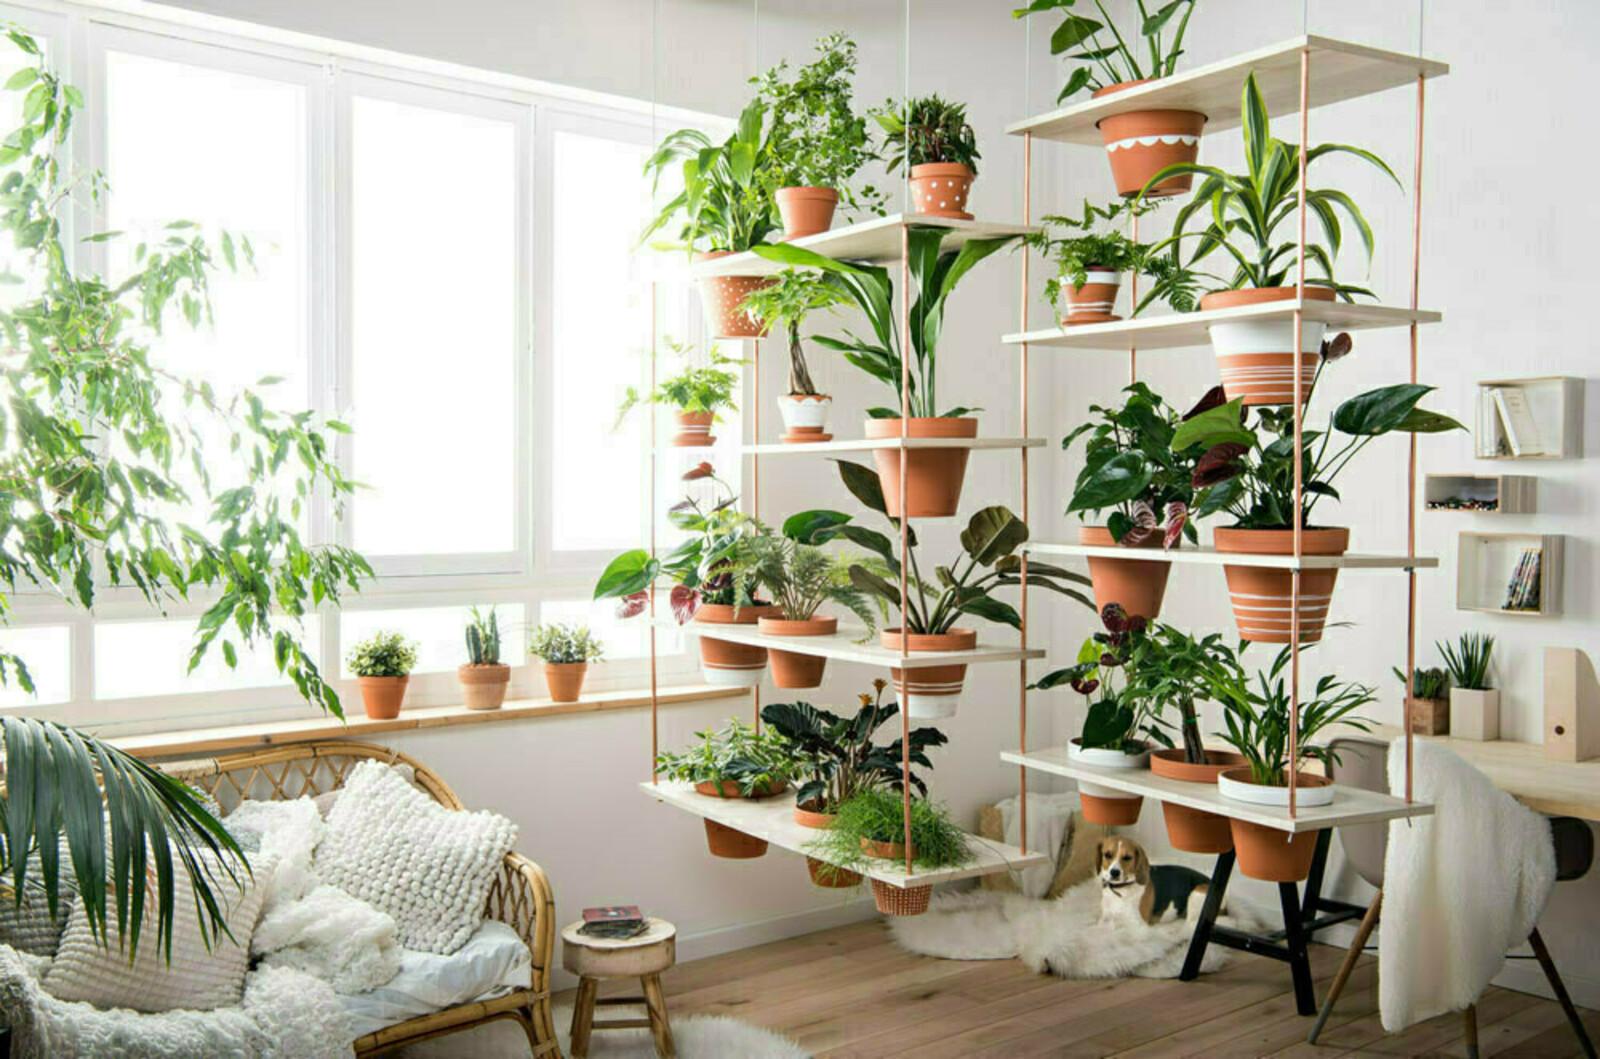 plafond vegetal a nous luintrieur vgtal qui respire la nature appartement particulier rennes. Black Bedroom Furniture Sets. Home Design Ideas